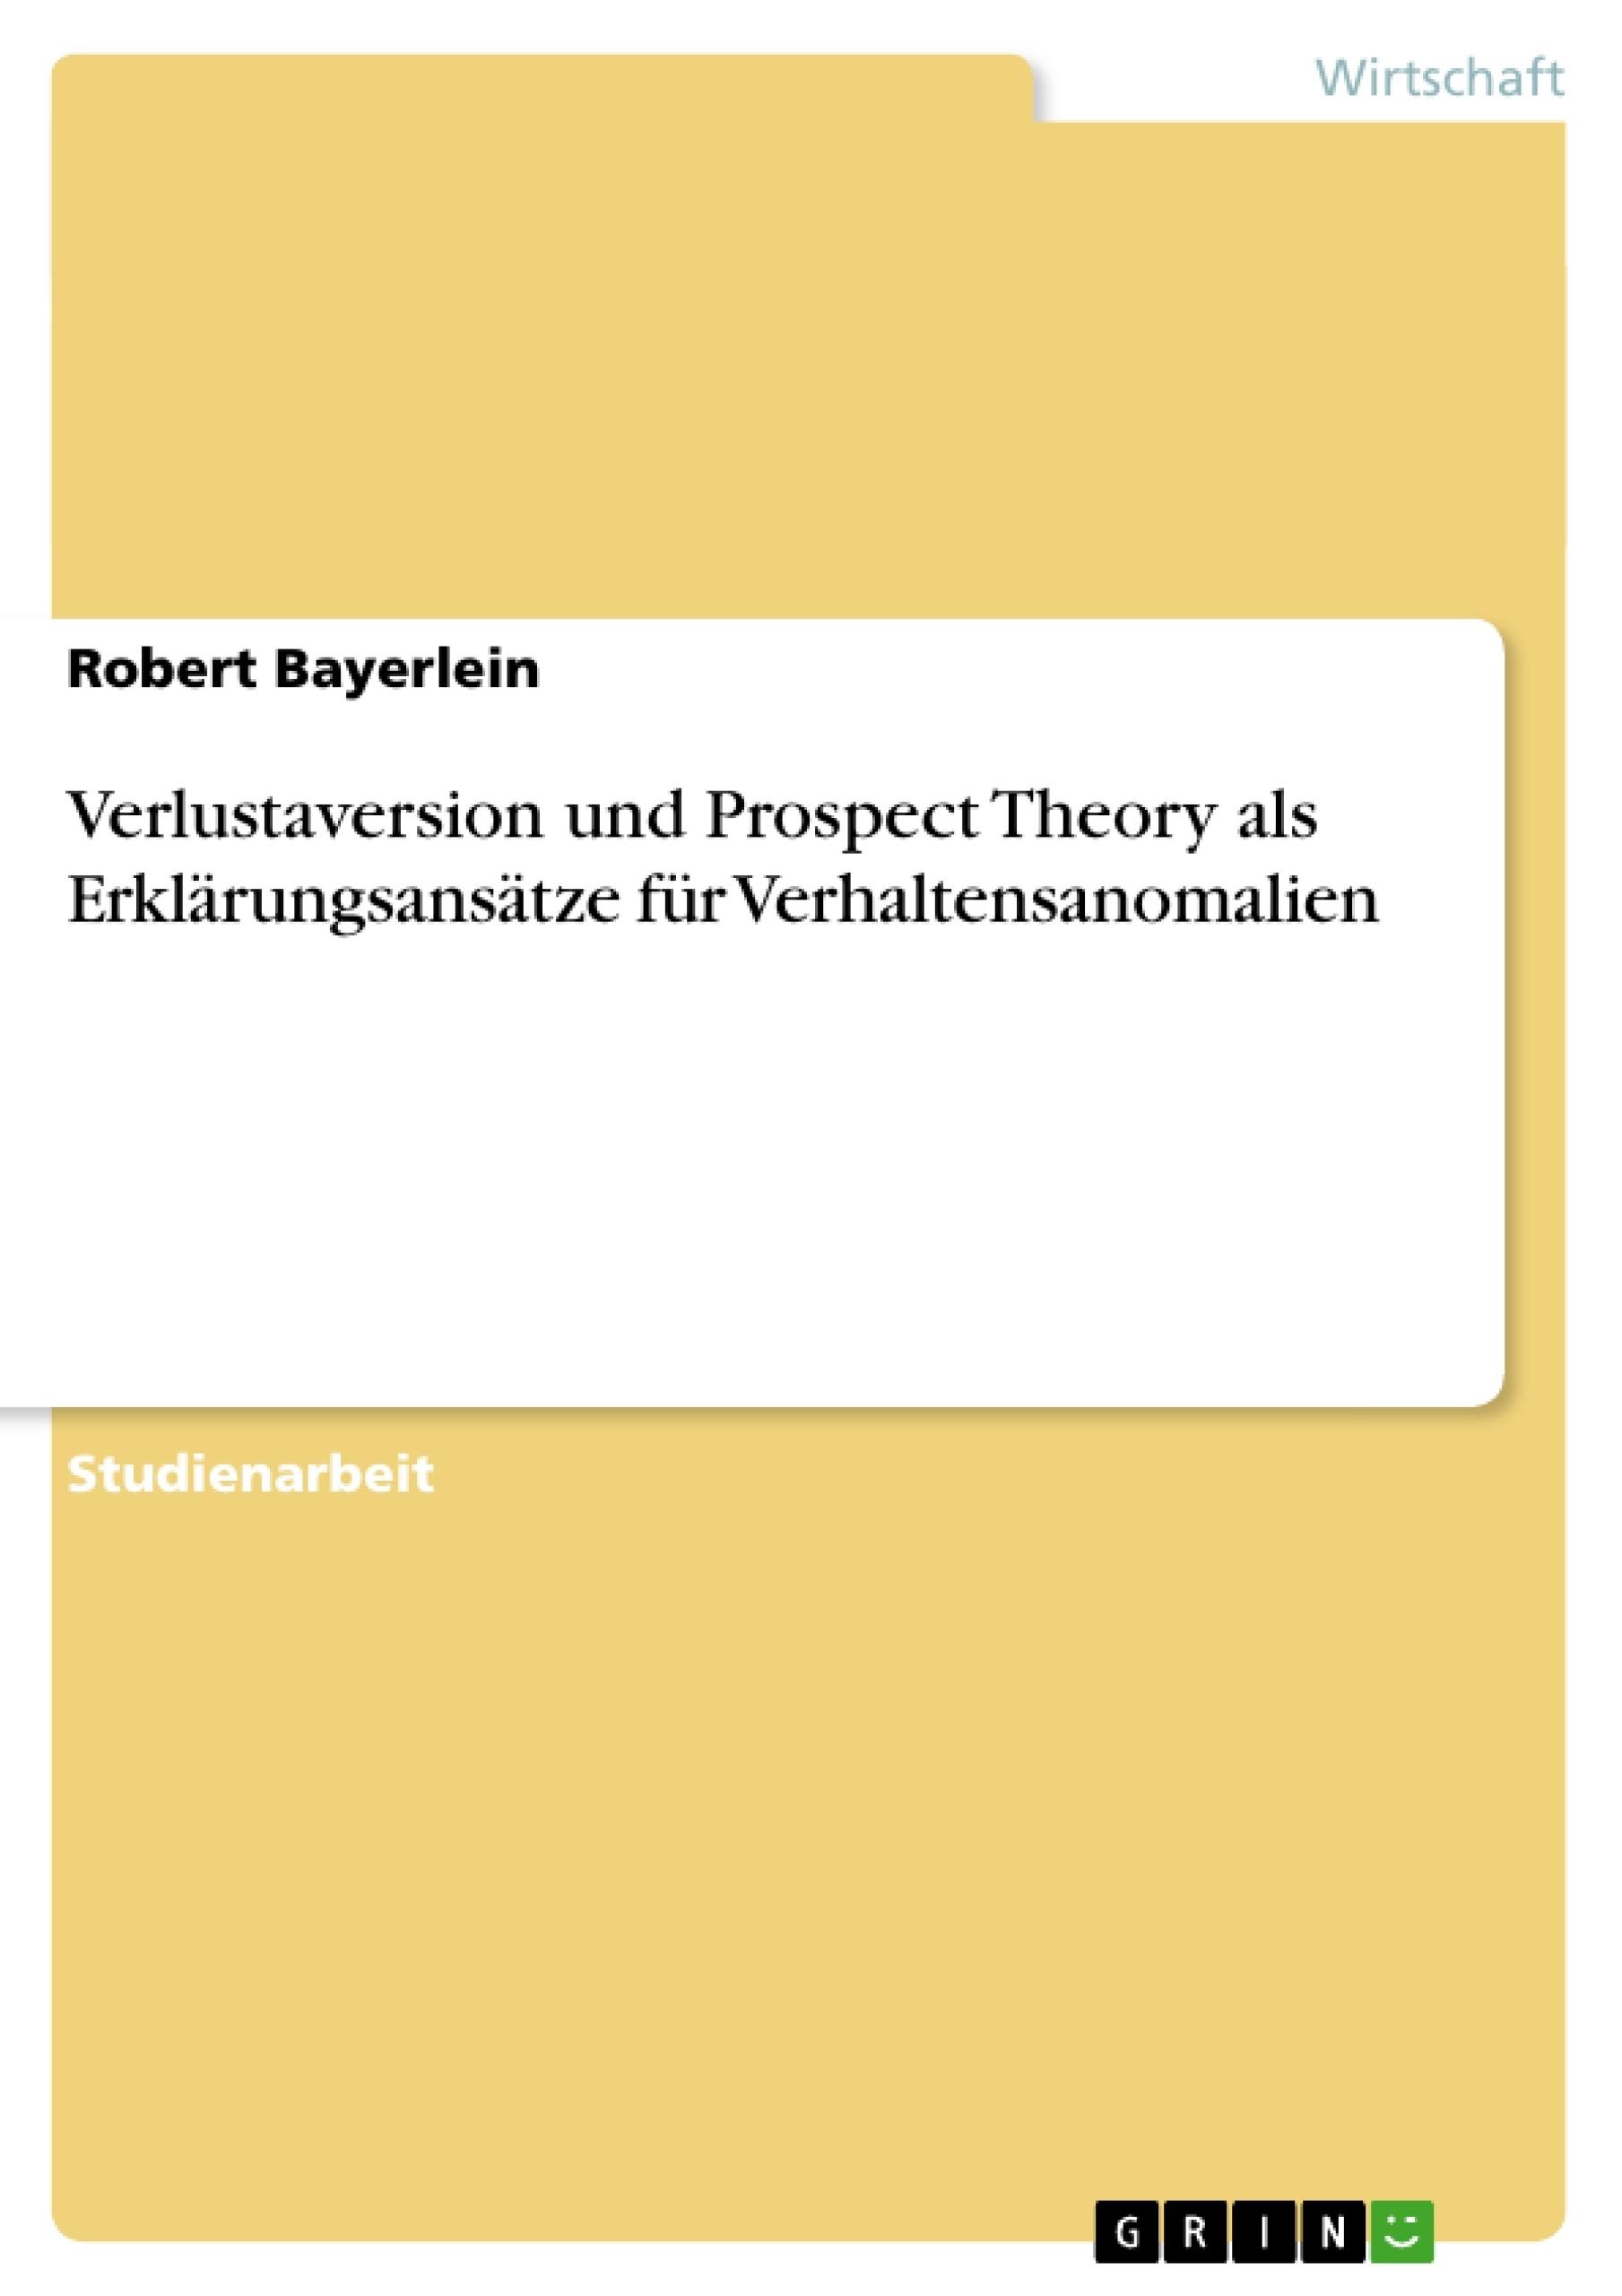 Titel: Verlustaversion und Prospect Theory als Erklärungsansätze für Verhaltensanomalien